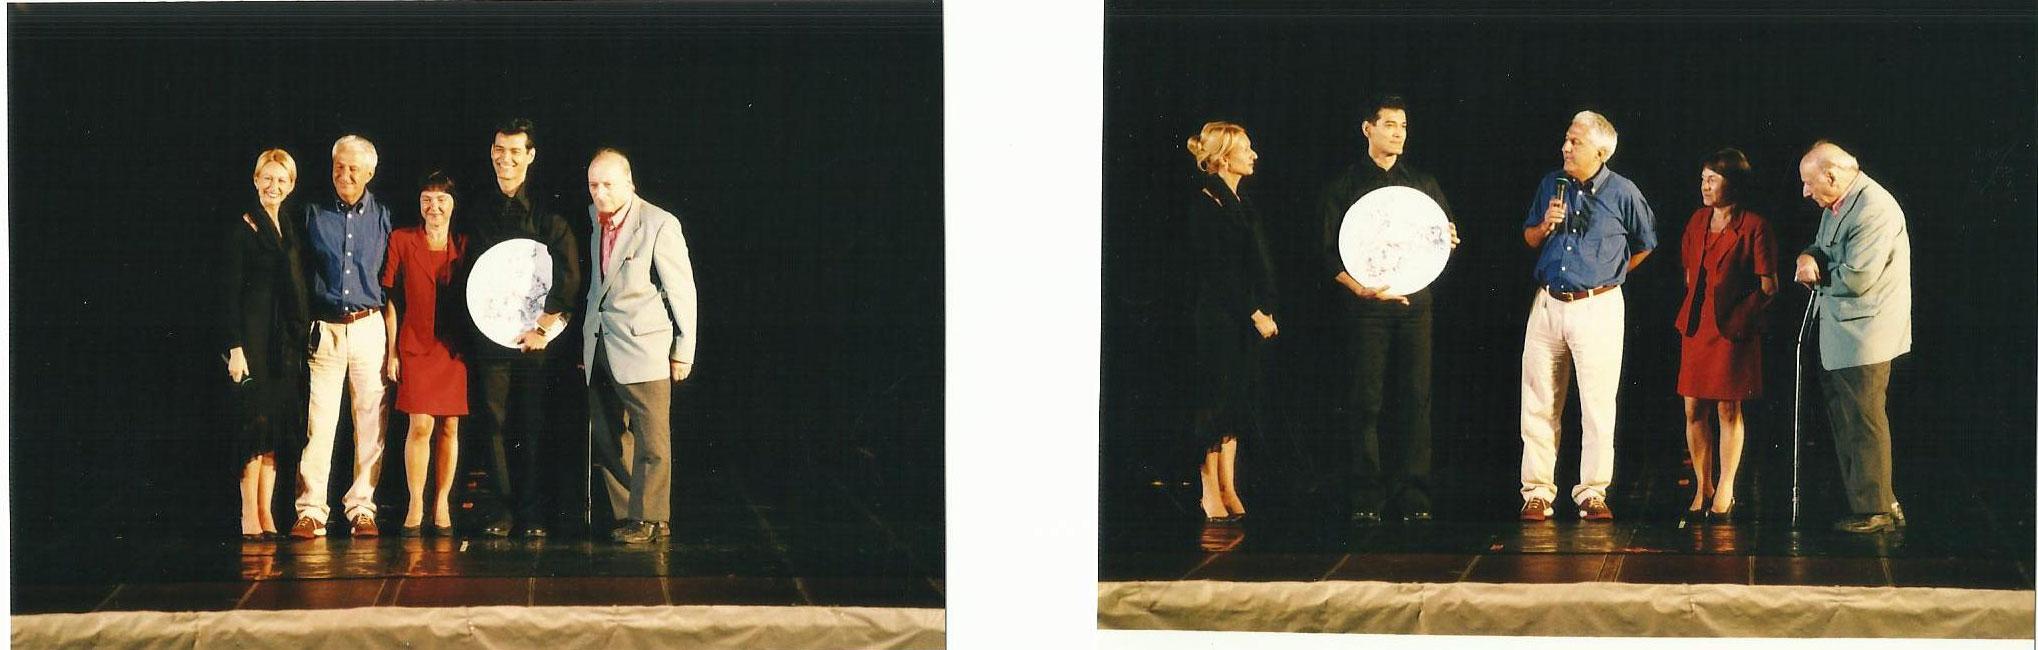 2002---Andre-de-la-roche